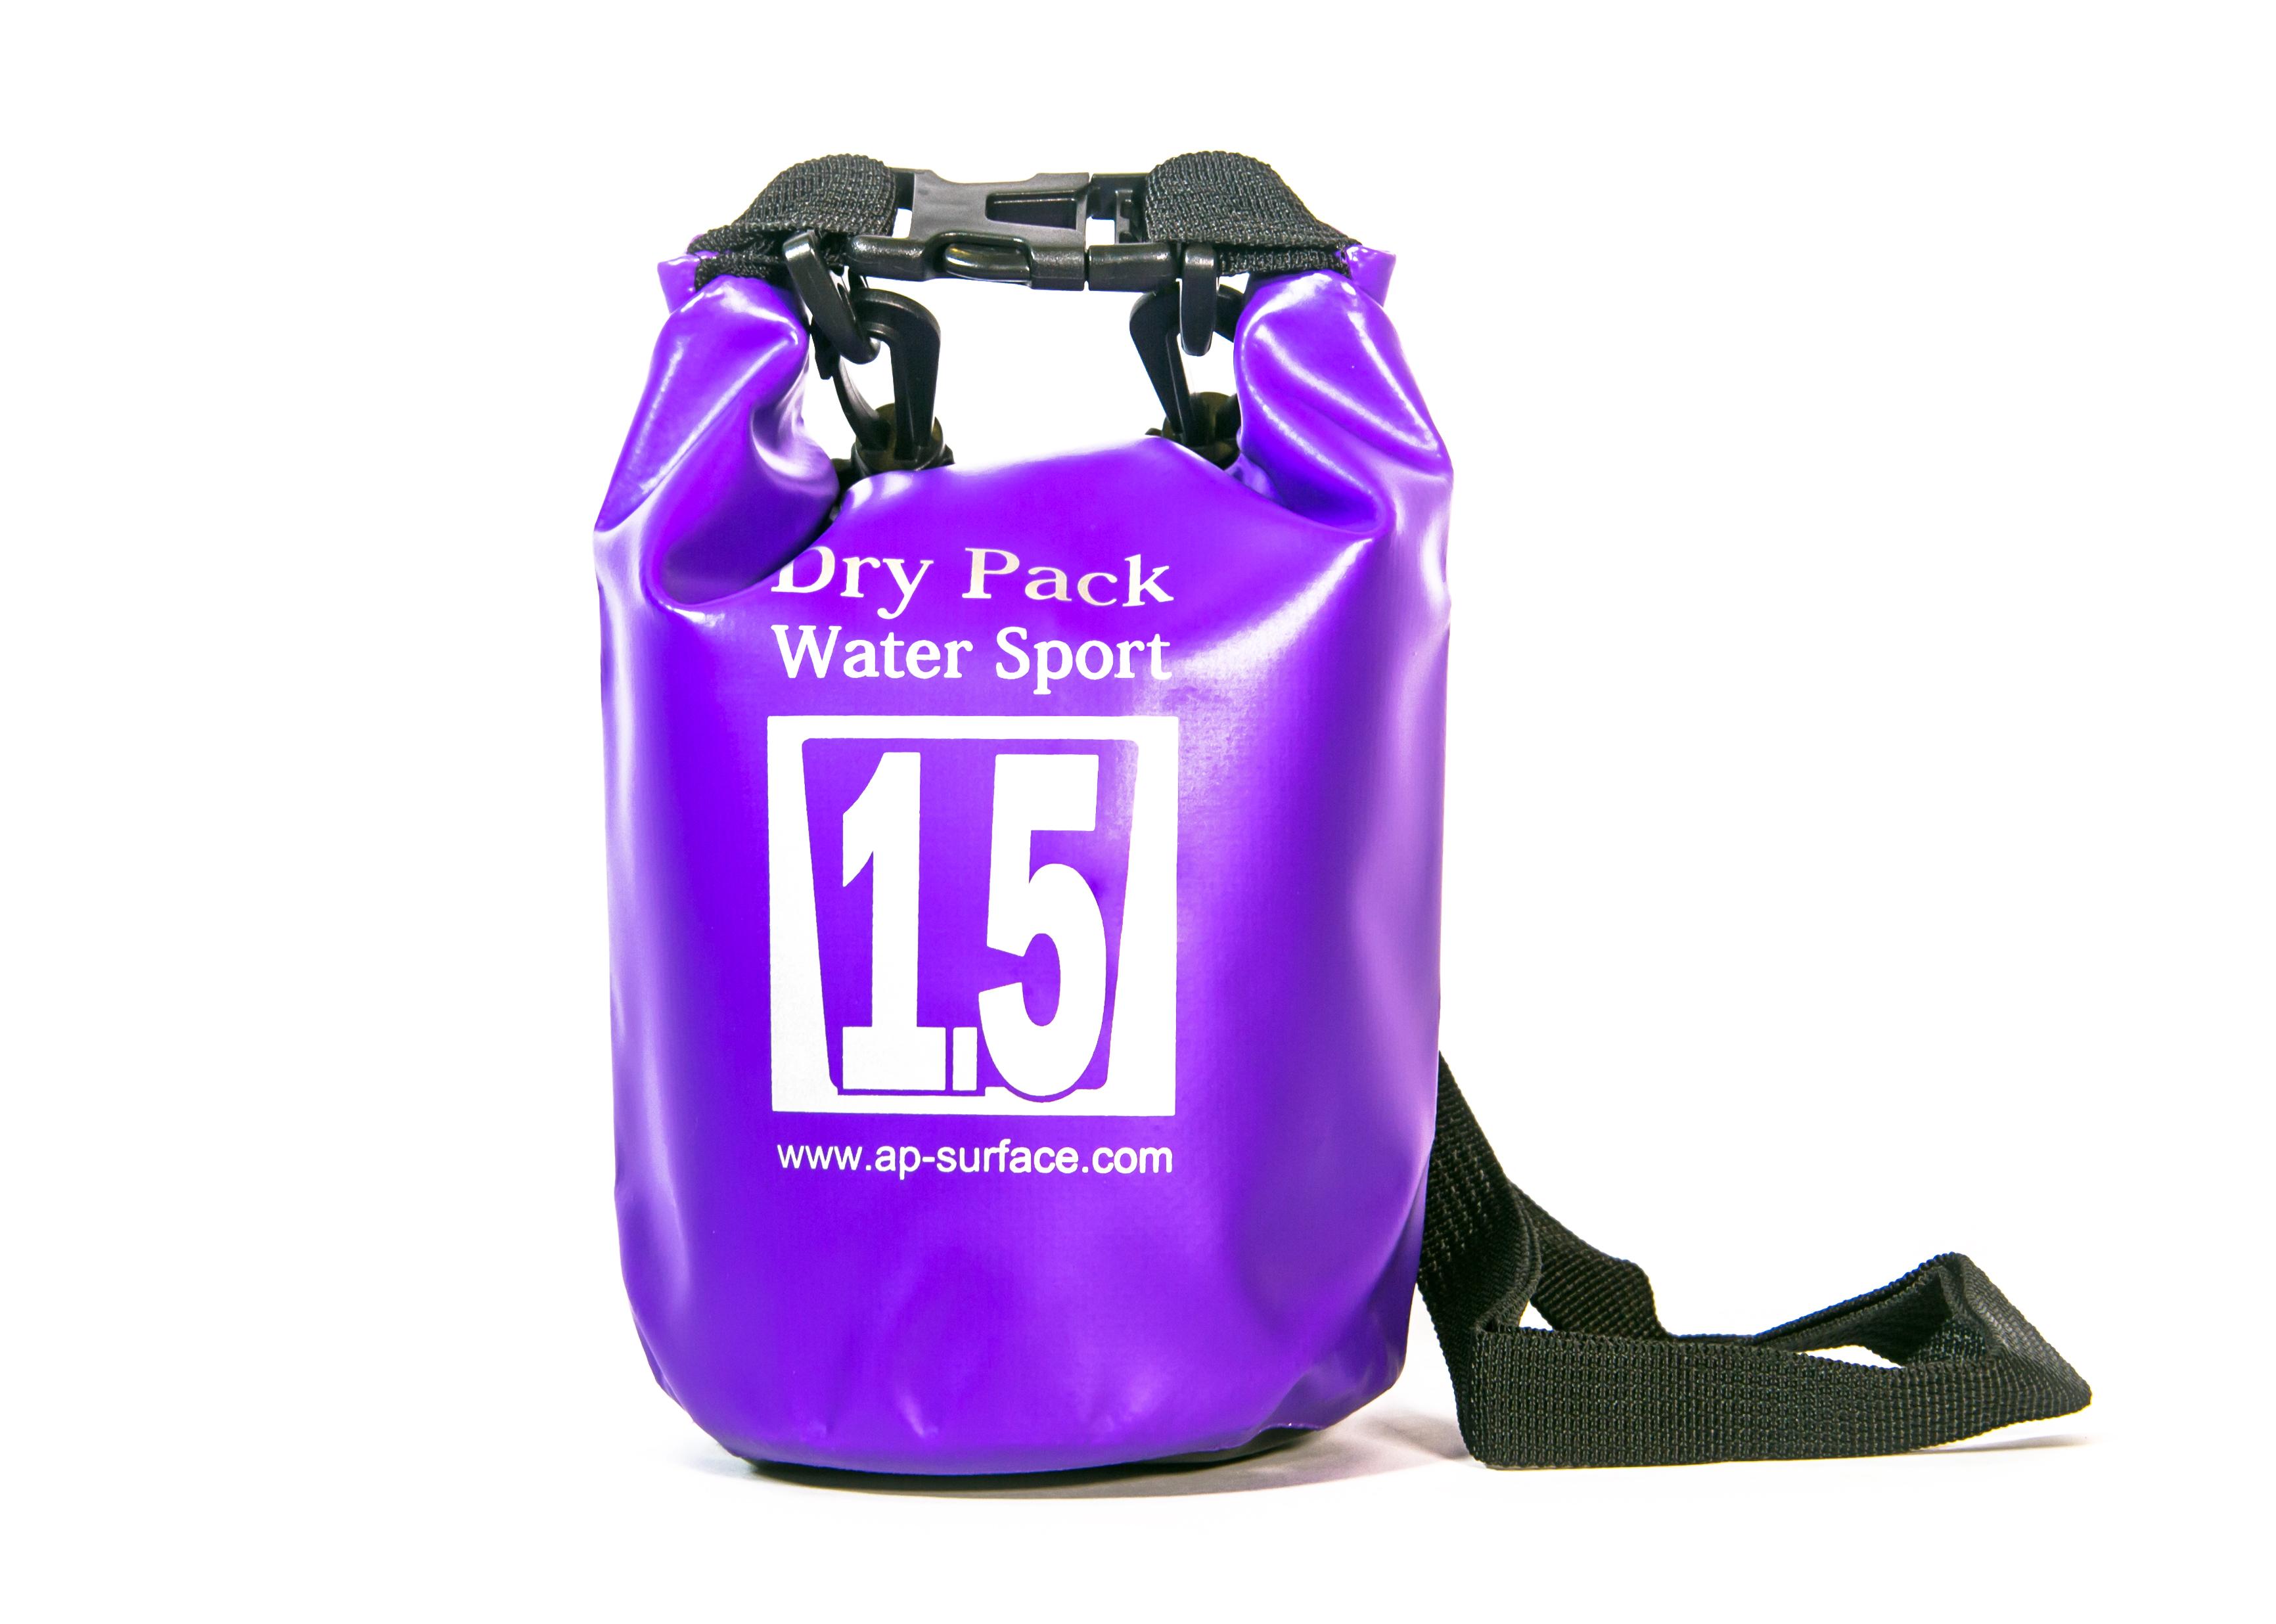 กระเป๋ากันน้ำ Dry Pack 1.5L - สีม่วง